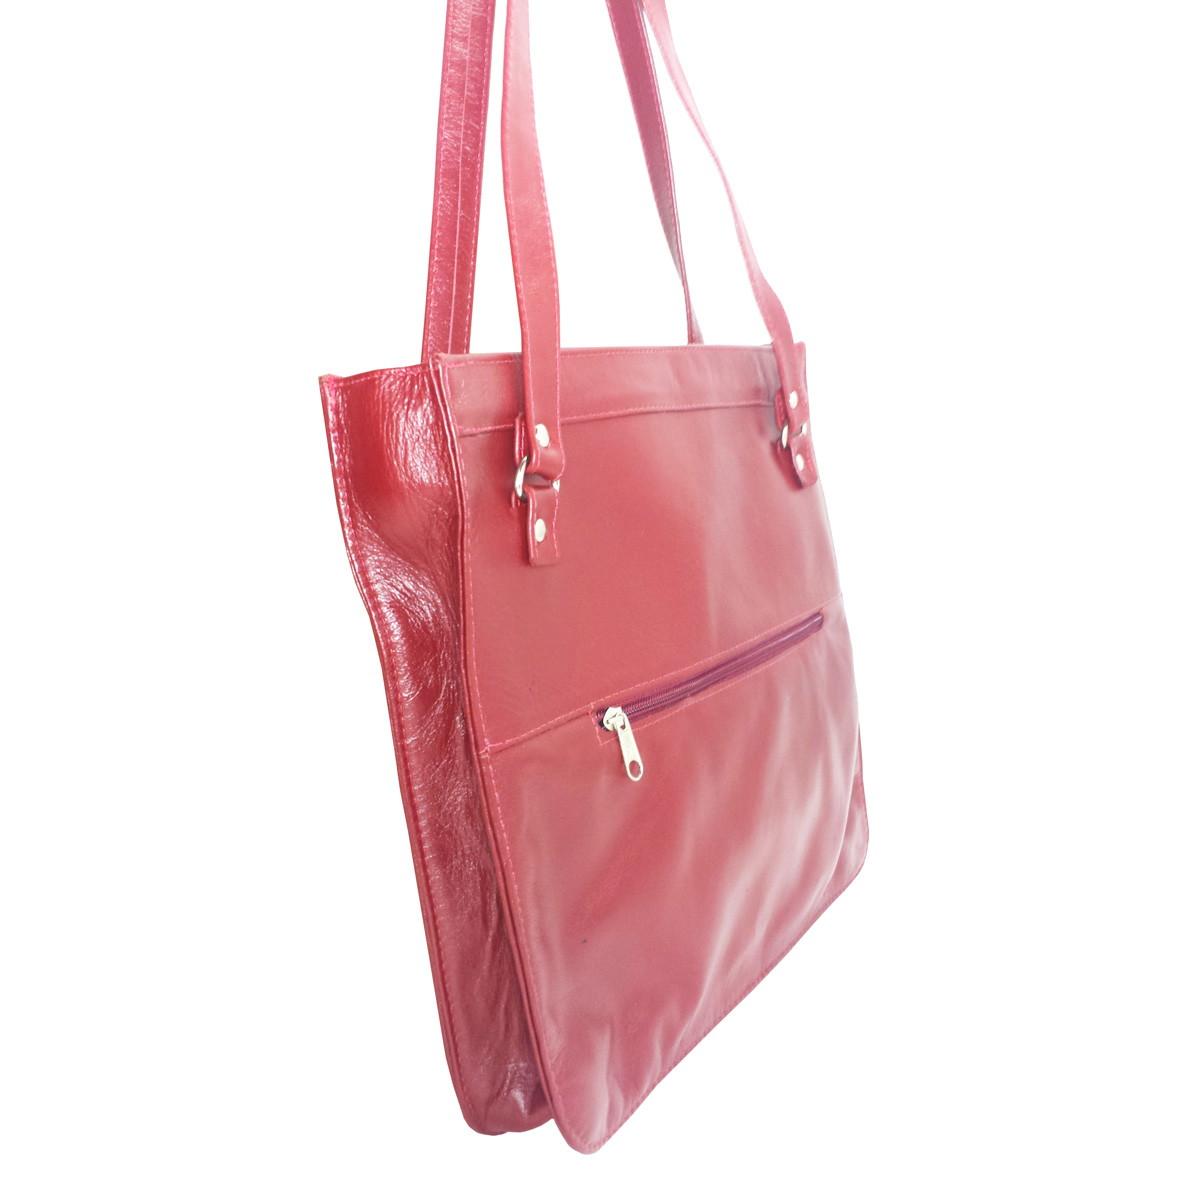 e8b6265c7 Bolsa Feminina Couro Legítimo Transversal Elegante Vermelha no Elo7 | Bolsas  & Calçados de couro (E56718)